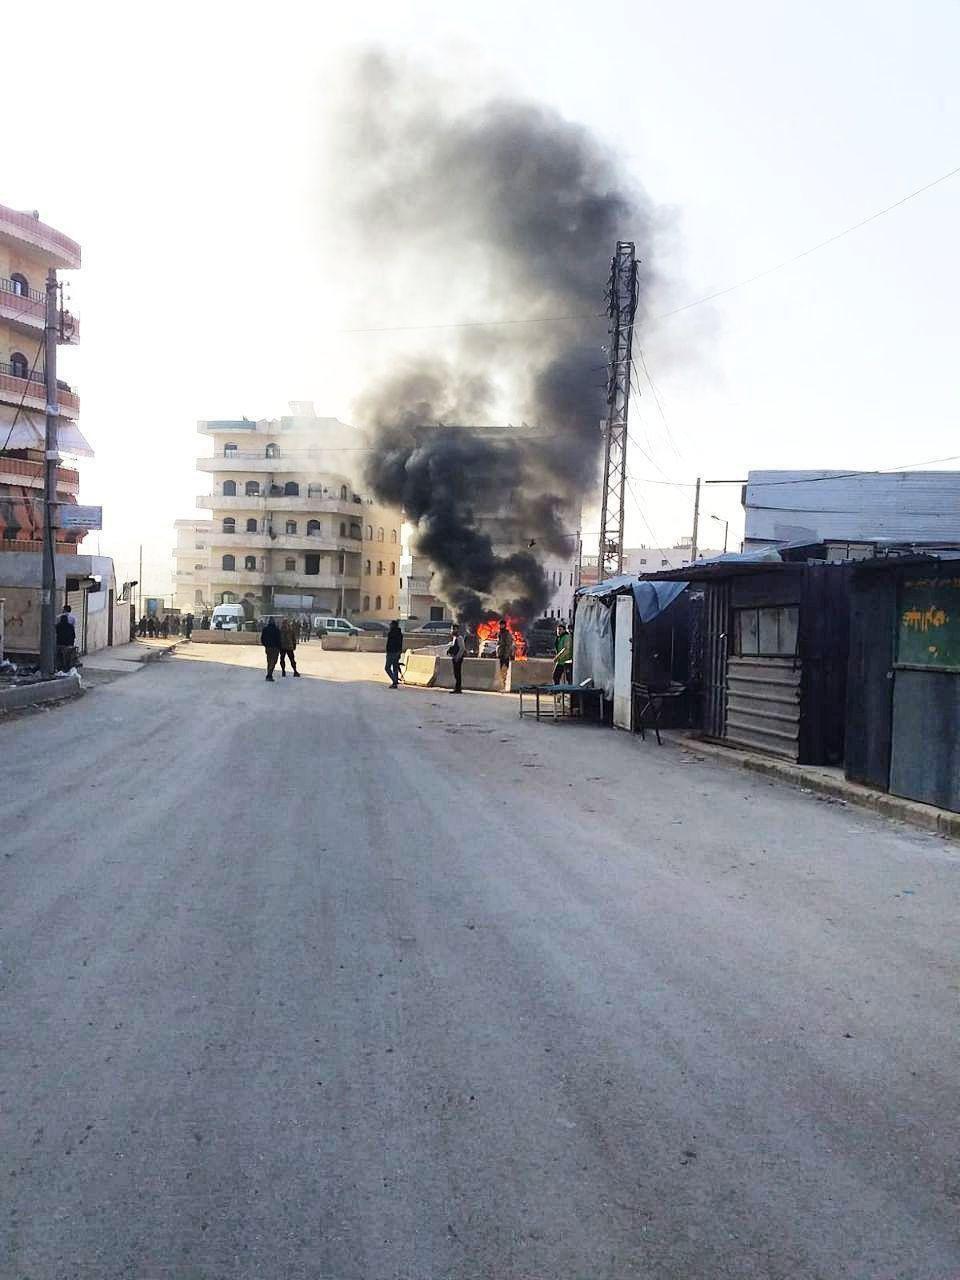 叙北部城市阿夫林发生汽车炸弹袭击 有人员伤亡